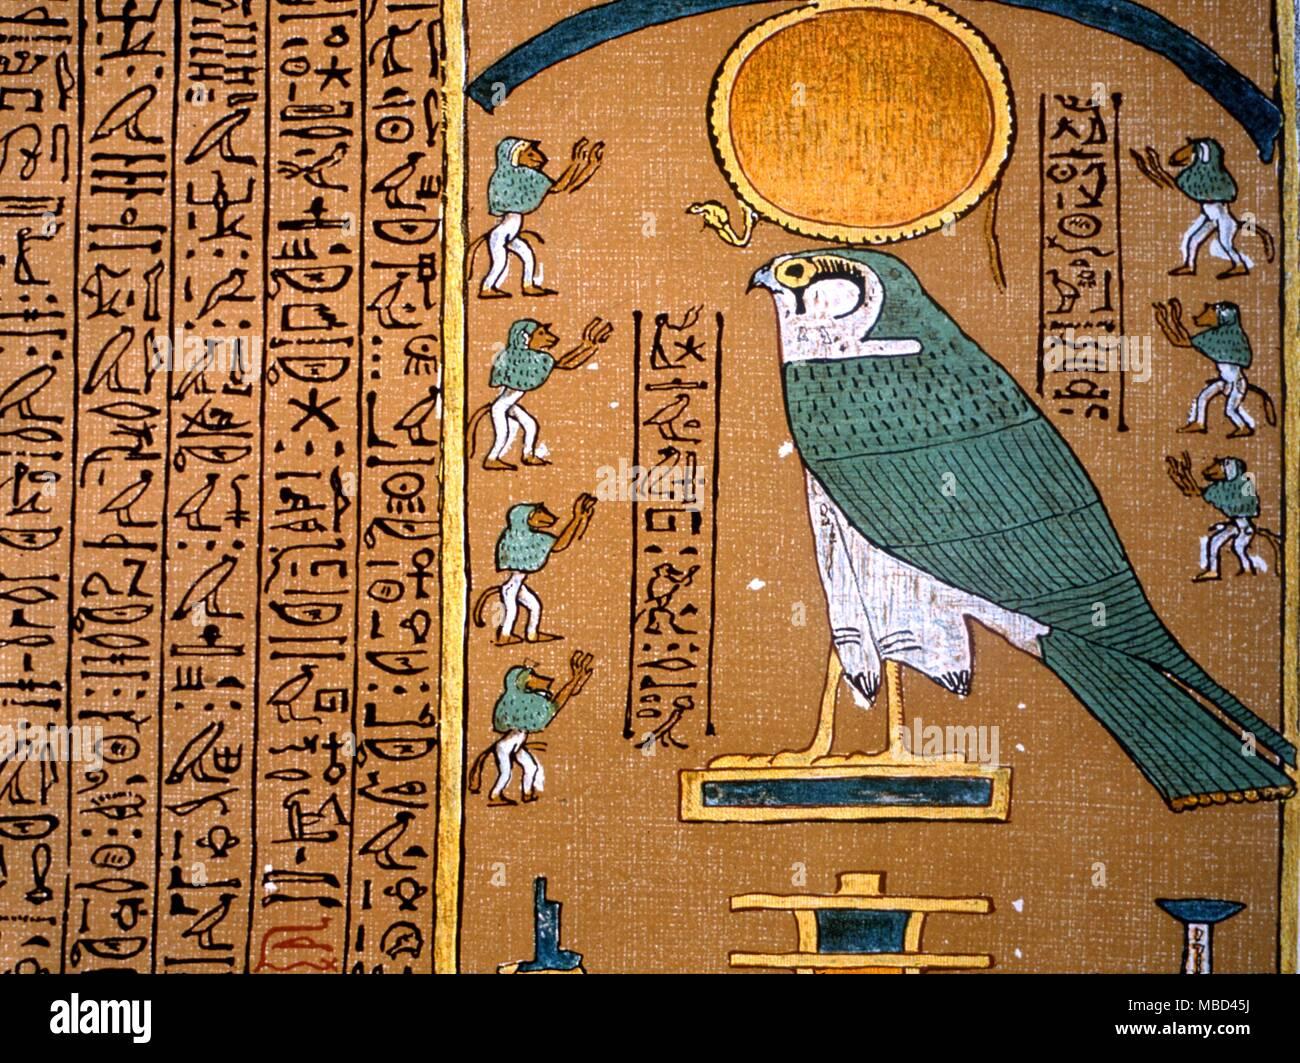 Egyptian Mythology Hieroglyphics Alongside The Image Of The Hawk